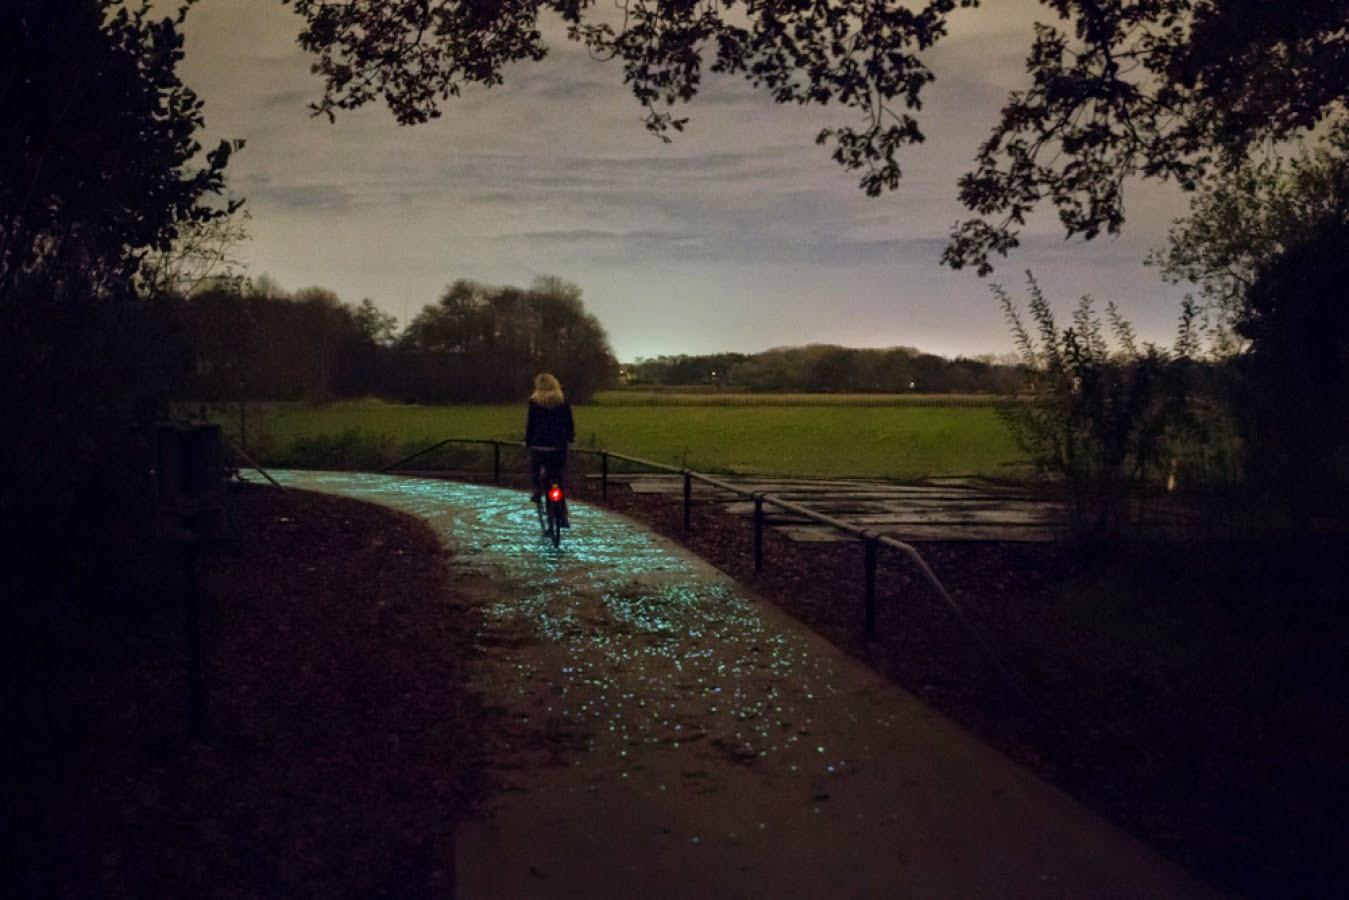 ciclovia que brilha no escuro 1